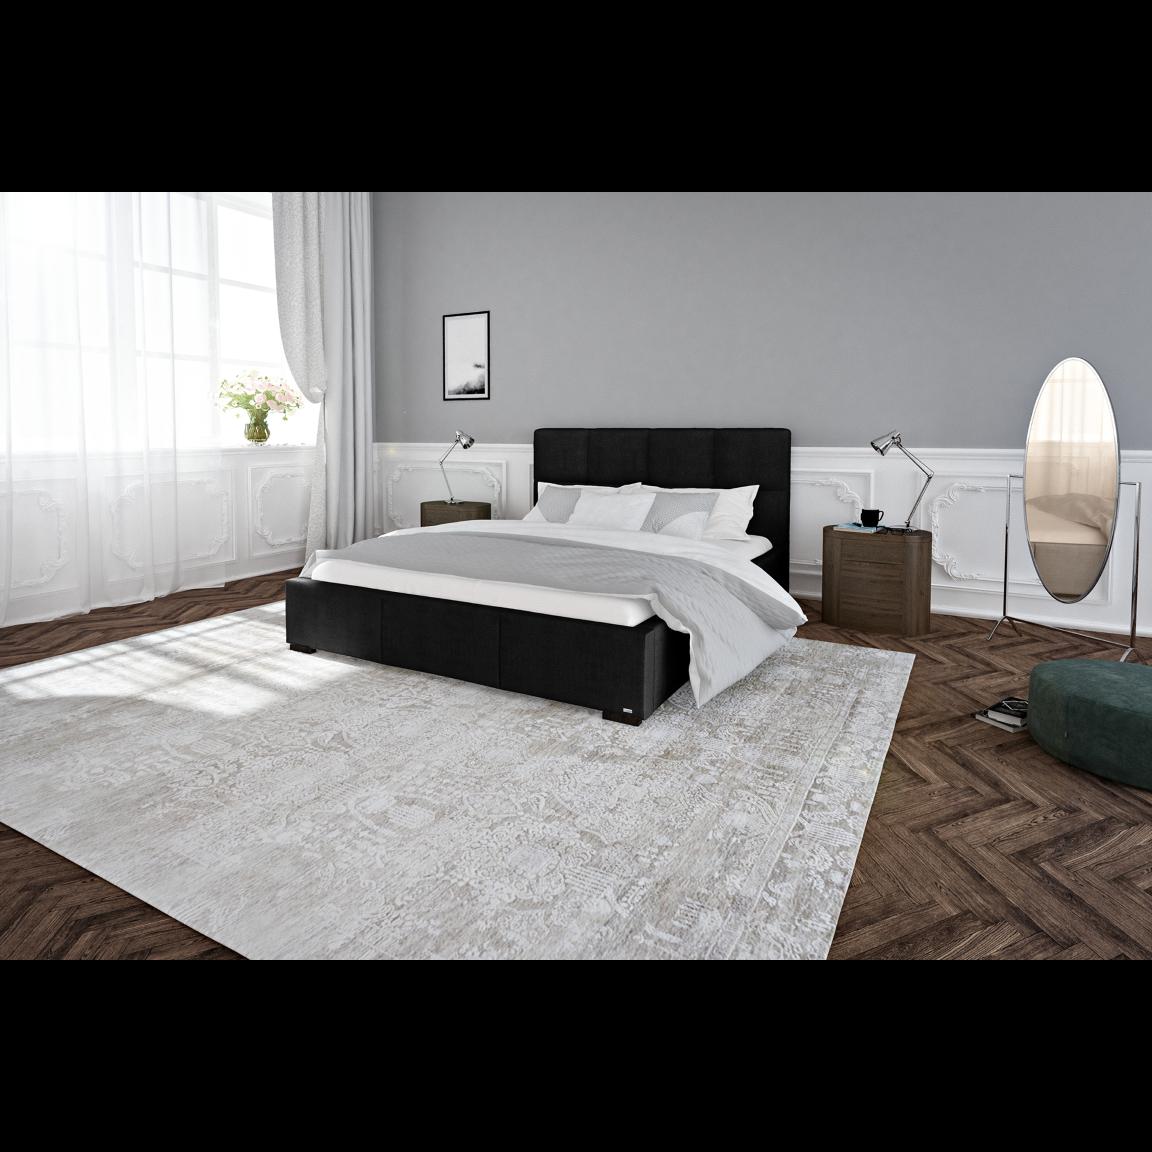 Bett Fascination   Schwarz-140x200cm